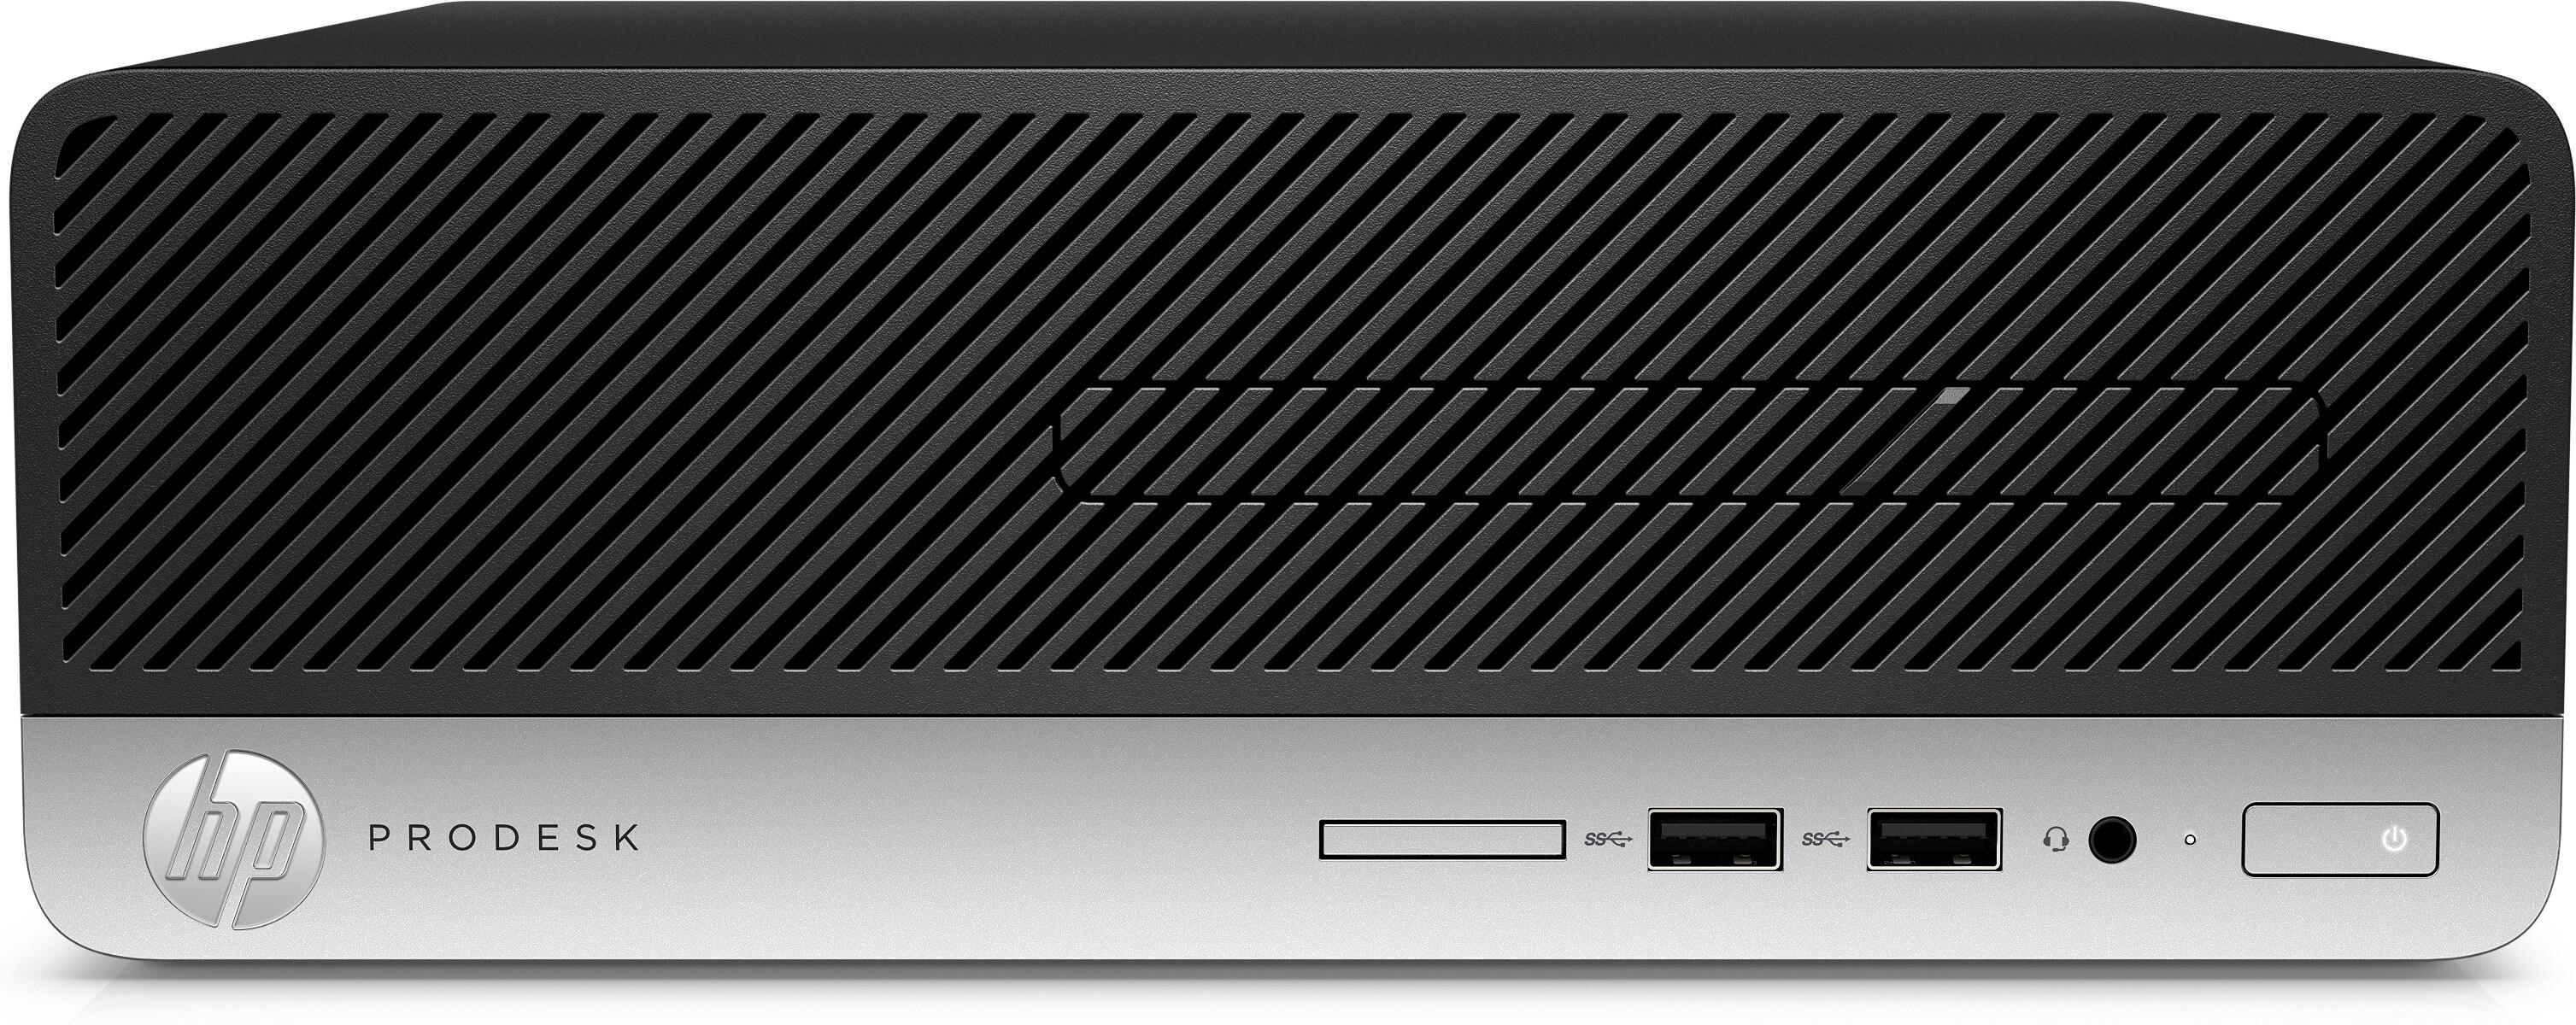 HP ProDesk 400 G4 Small Form Factor PC 0190781678717 1JJ79ET 10_2M3CX05